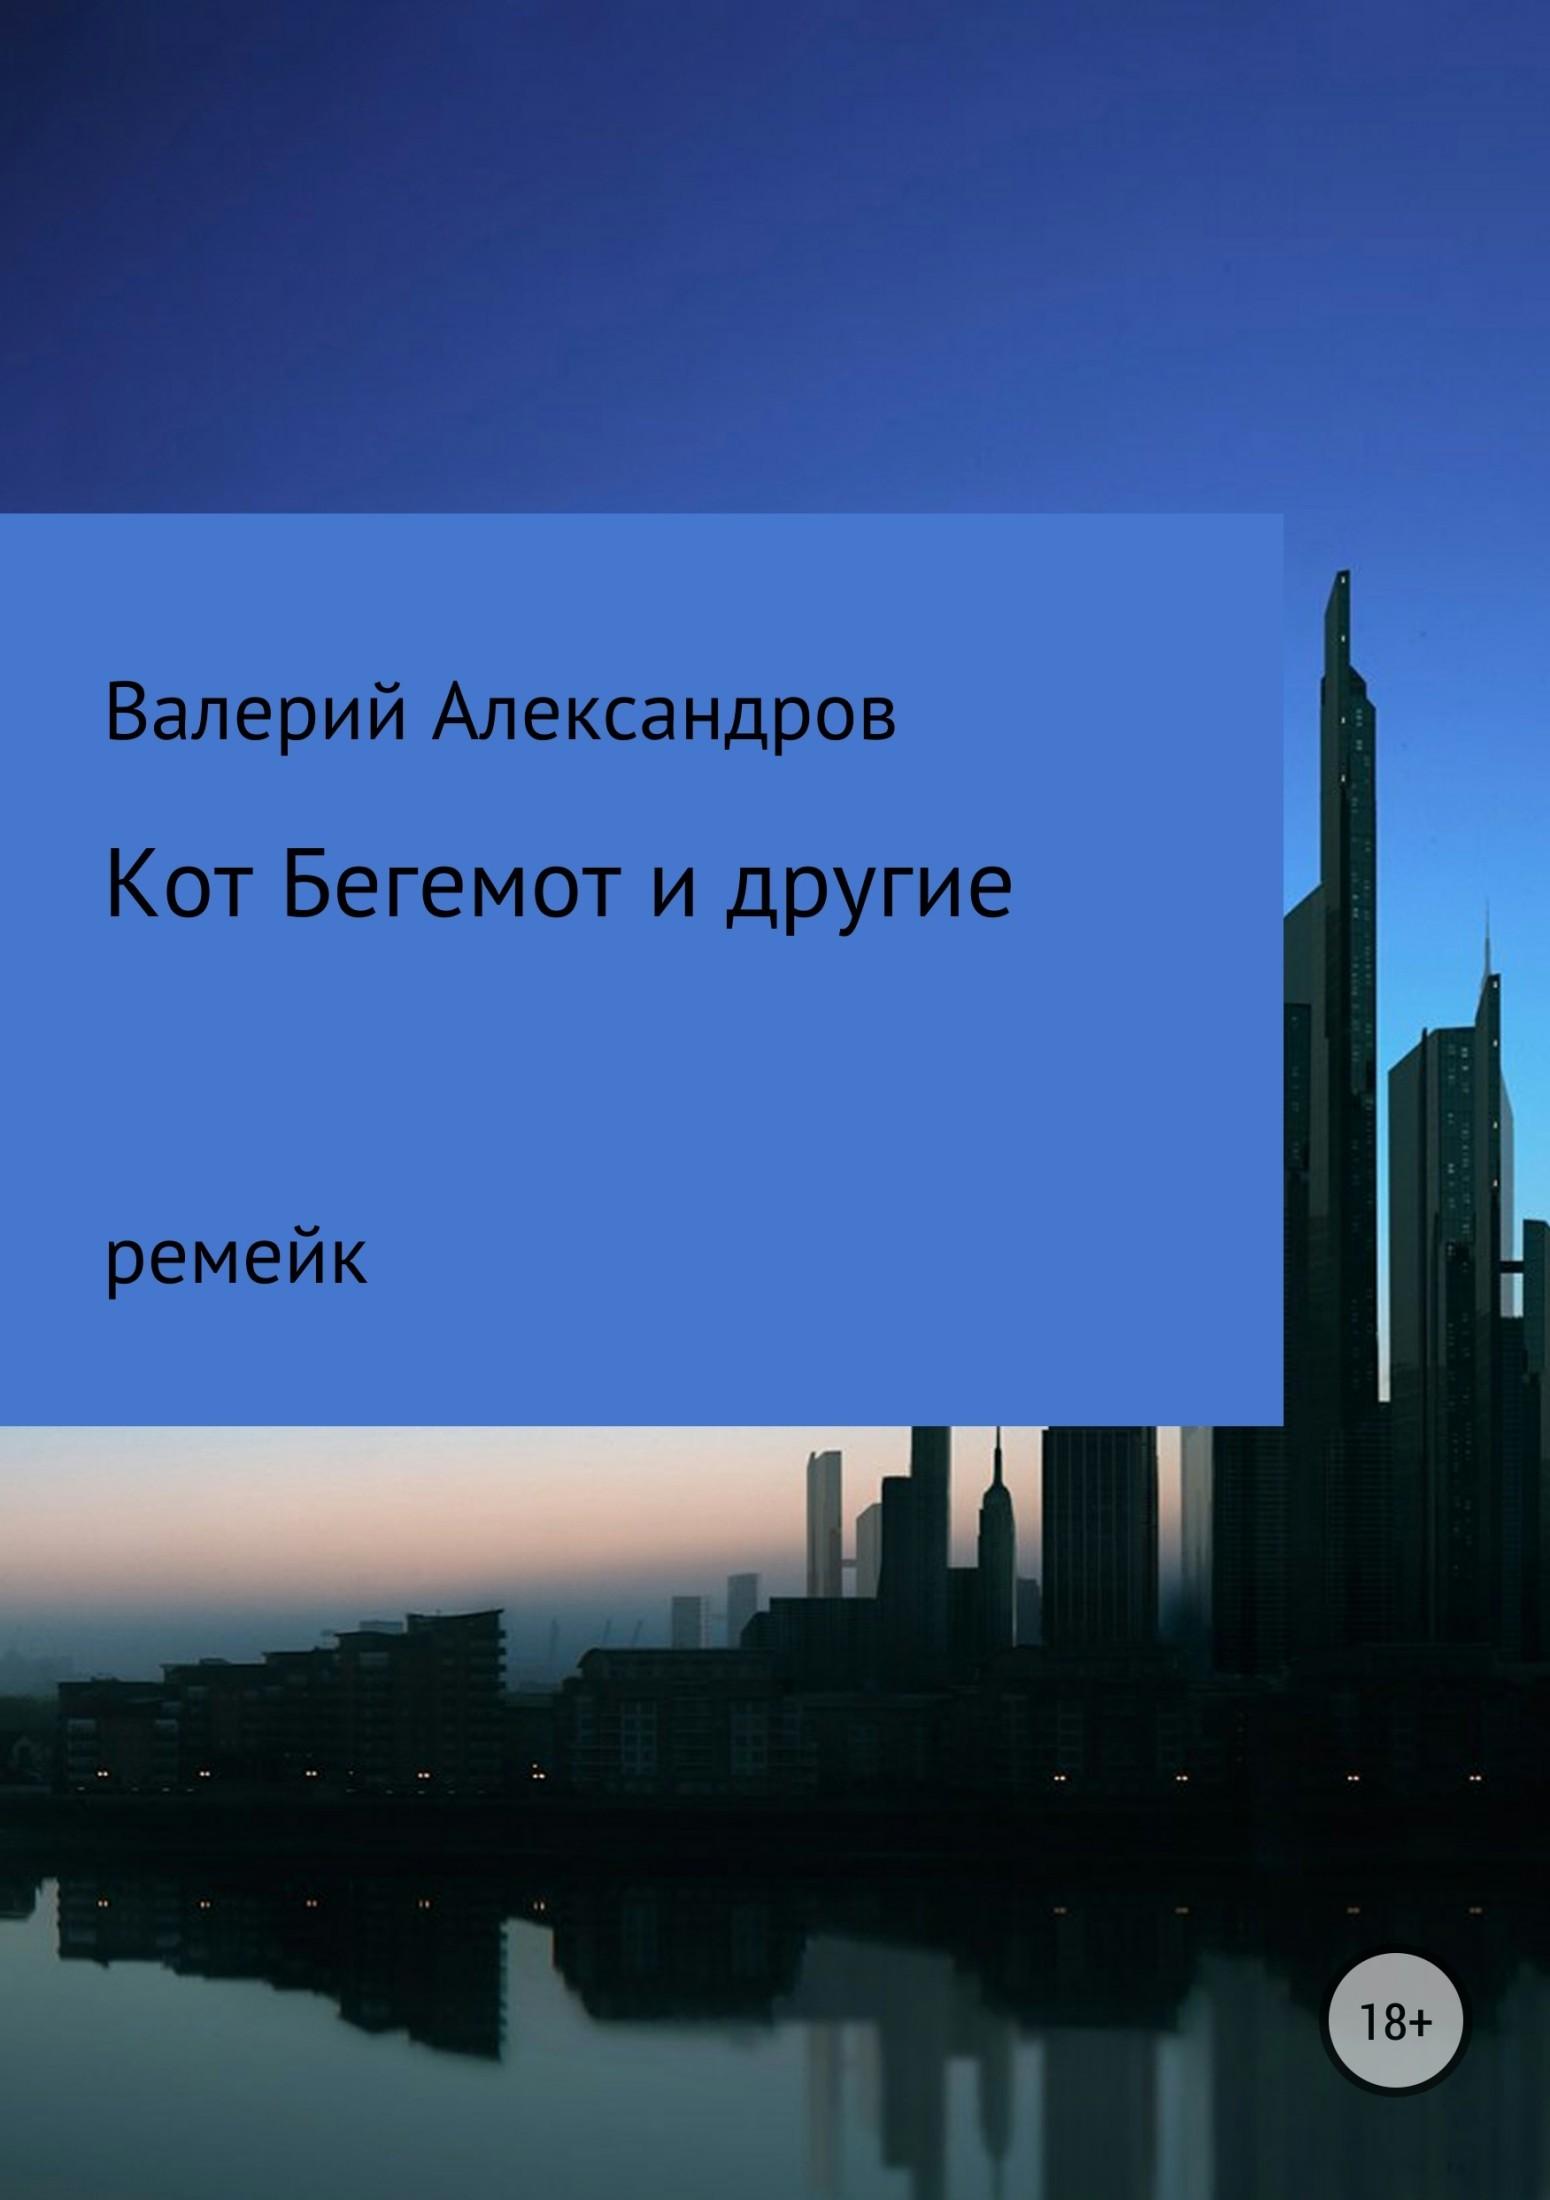 Валерий Александров Кот Бегемот и другие валерий леонтьев маргарита lp